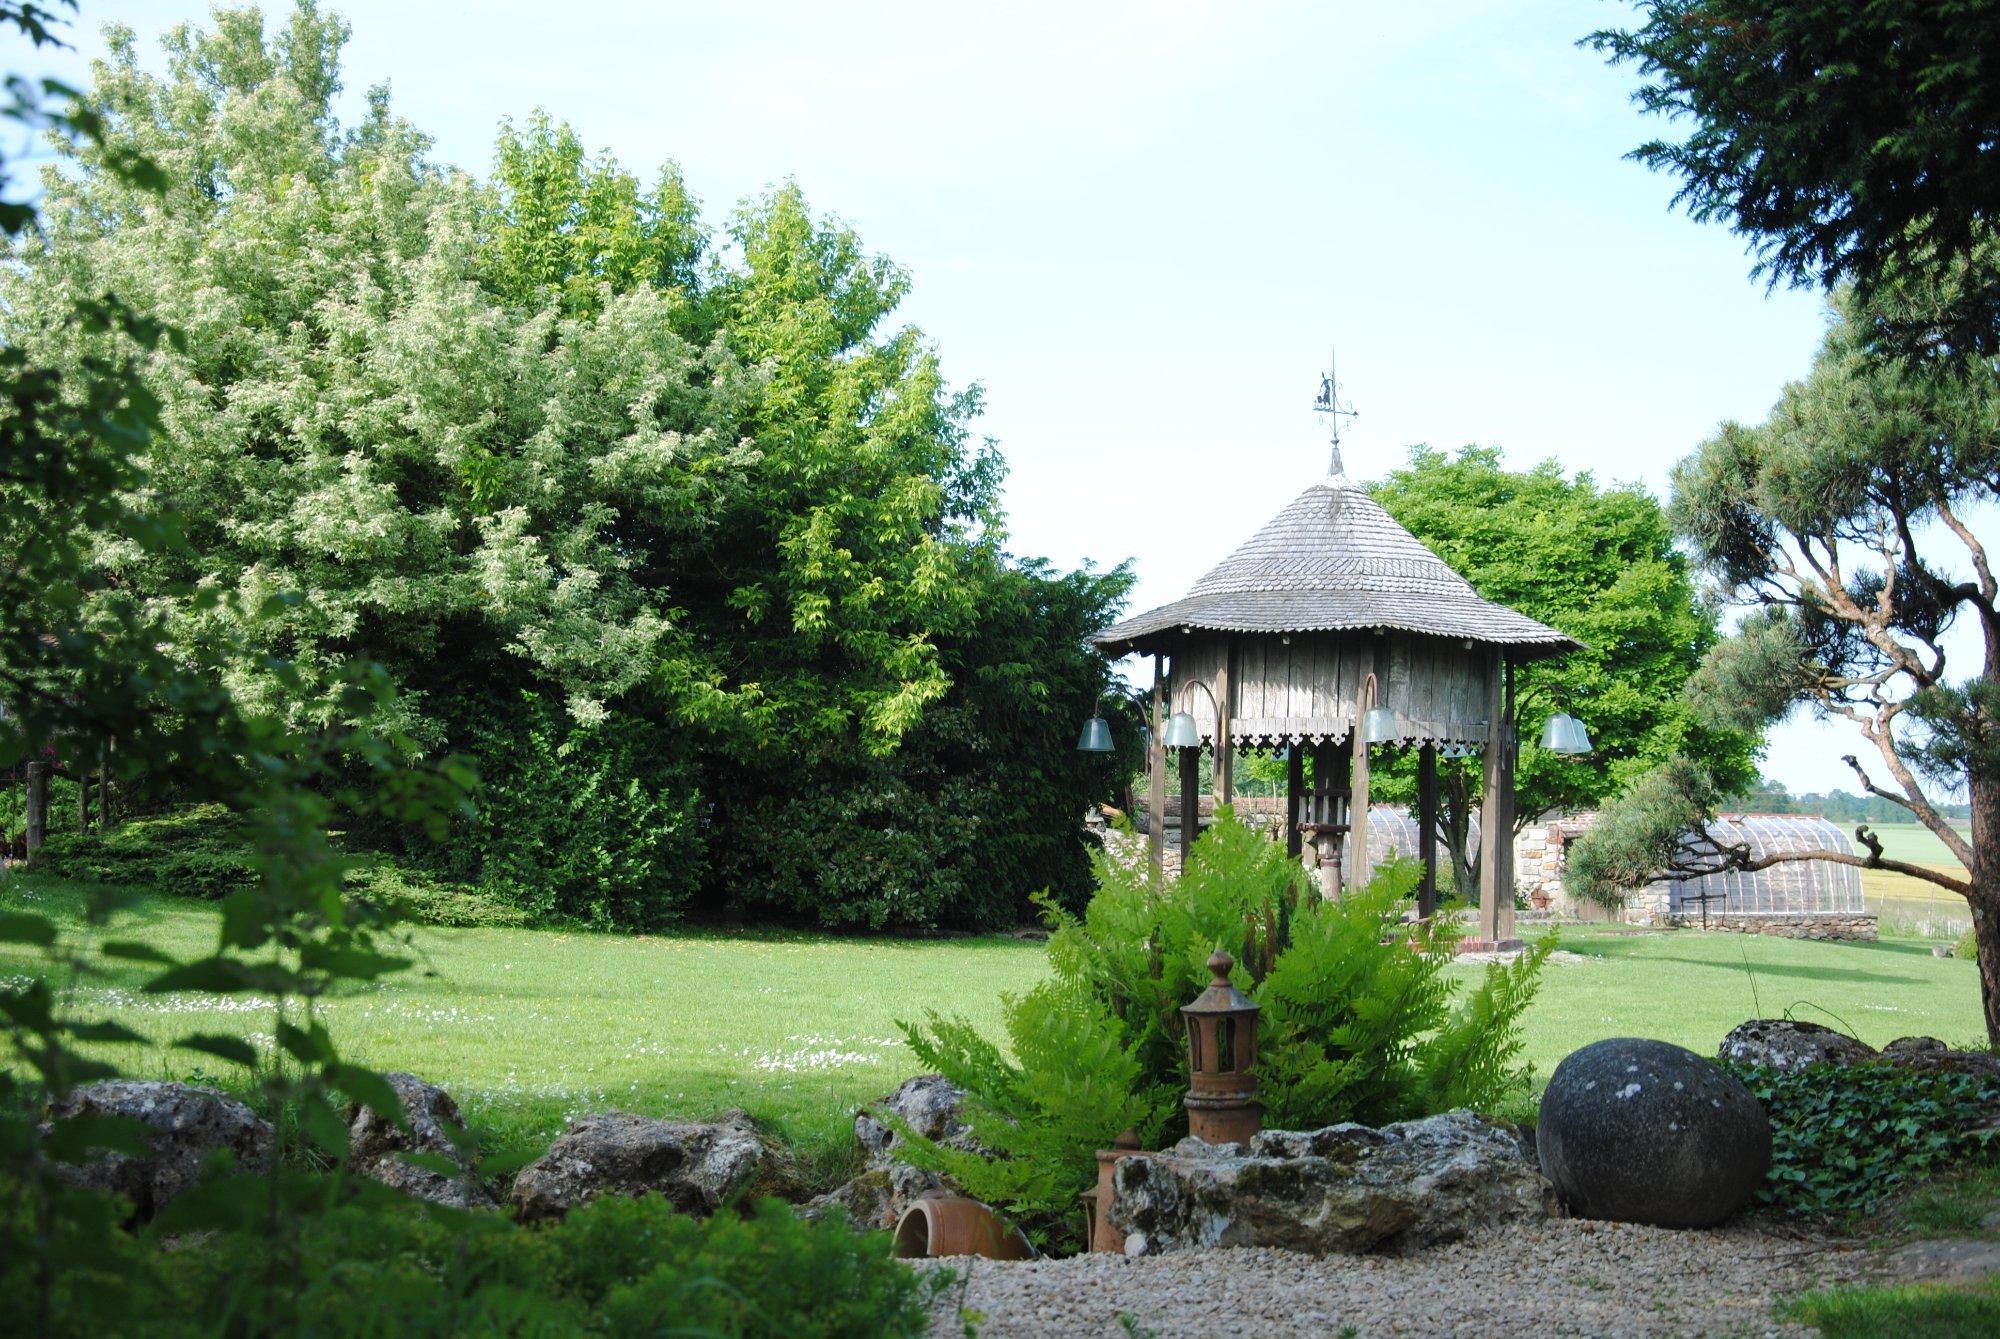 619-jardin-le-point-du-jour-seine-et-marne.jpg